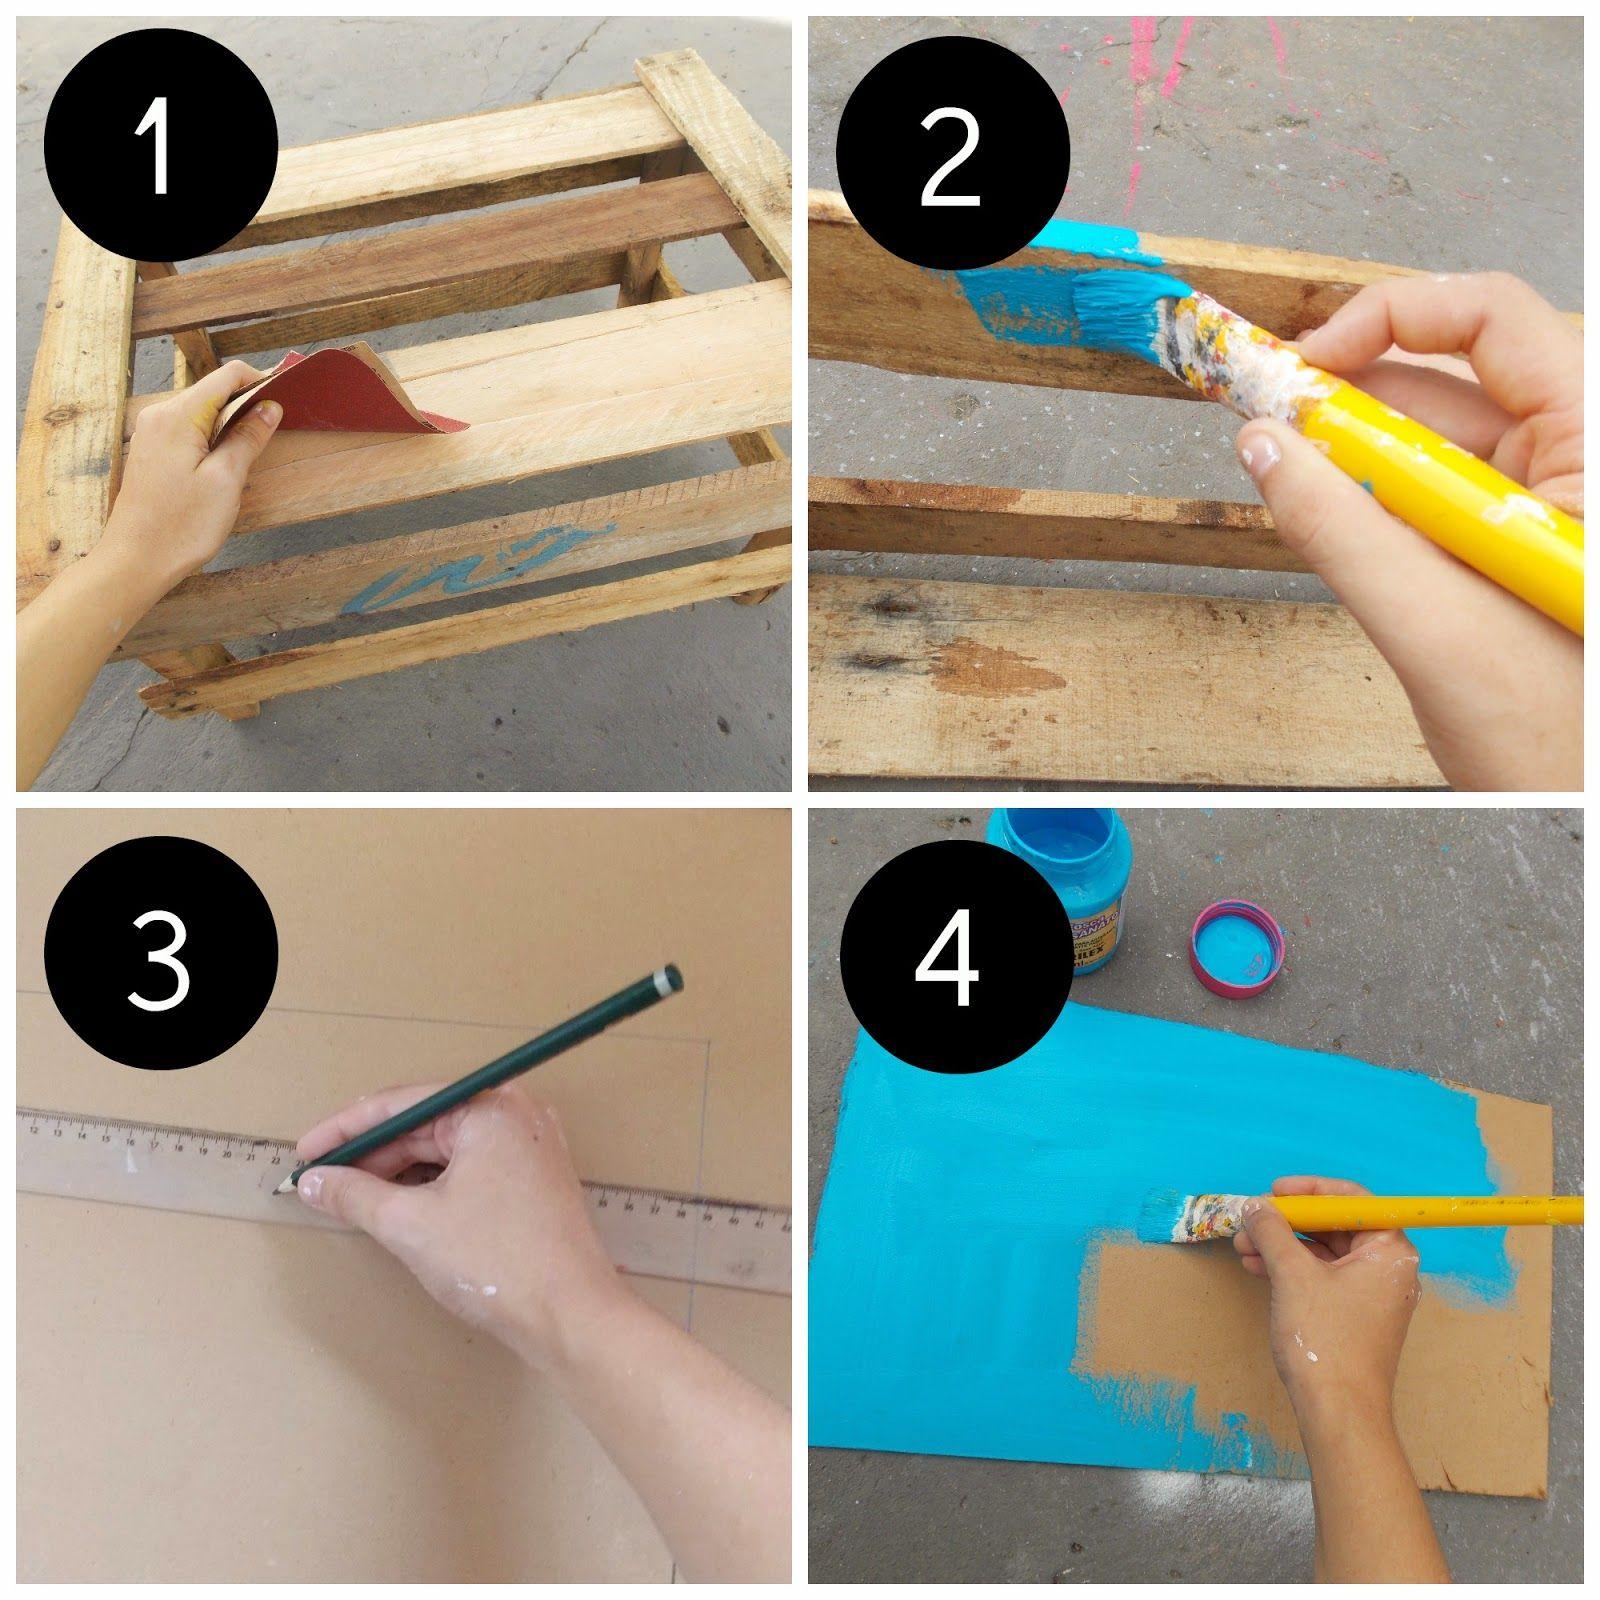 Blog Ana Carvalho | Lifestyle e Customização: DIY: customizando caixotes de feira